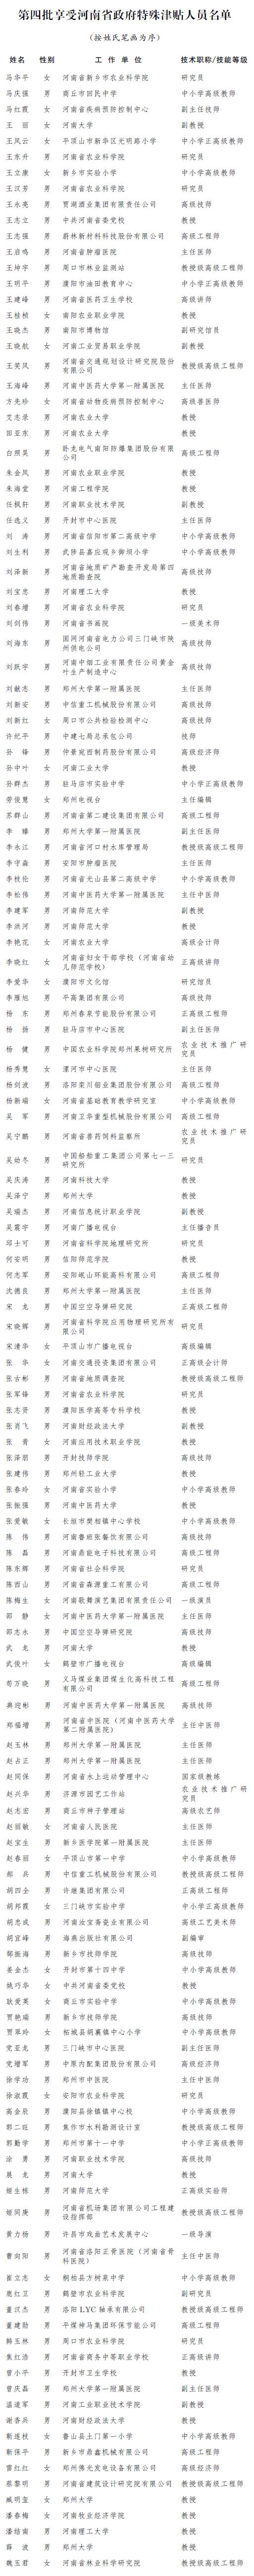 河南省人民政府办公厅关于公布第四批享受河南省政府特殊津贴人员名单的通知